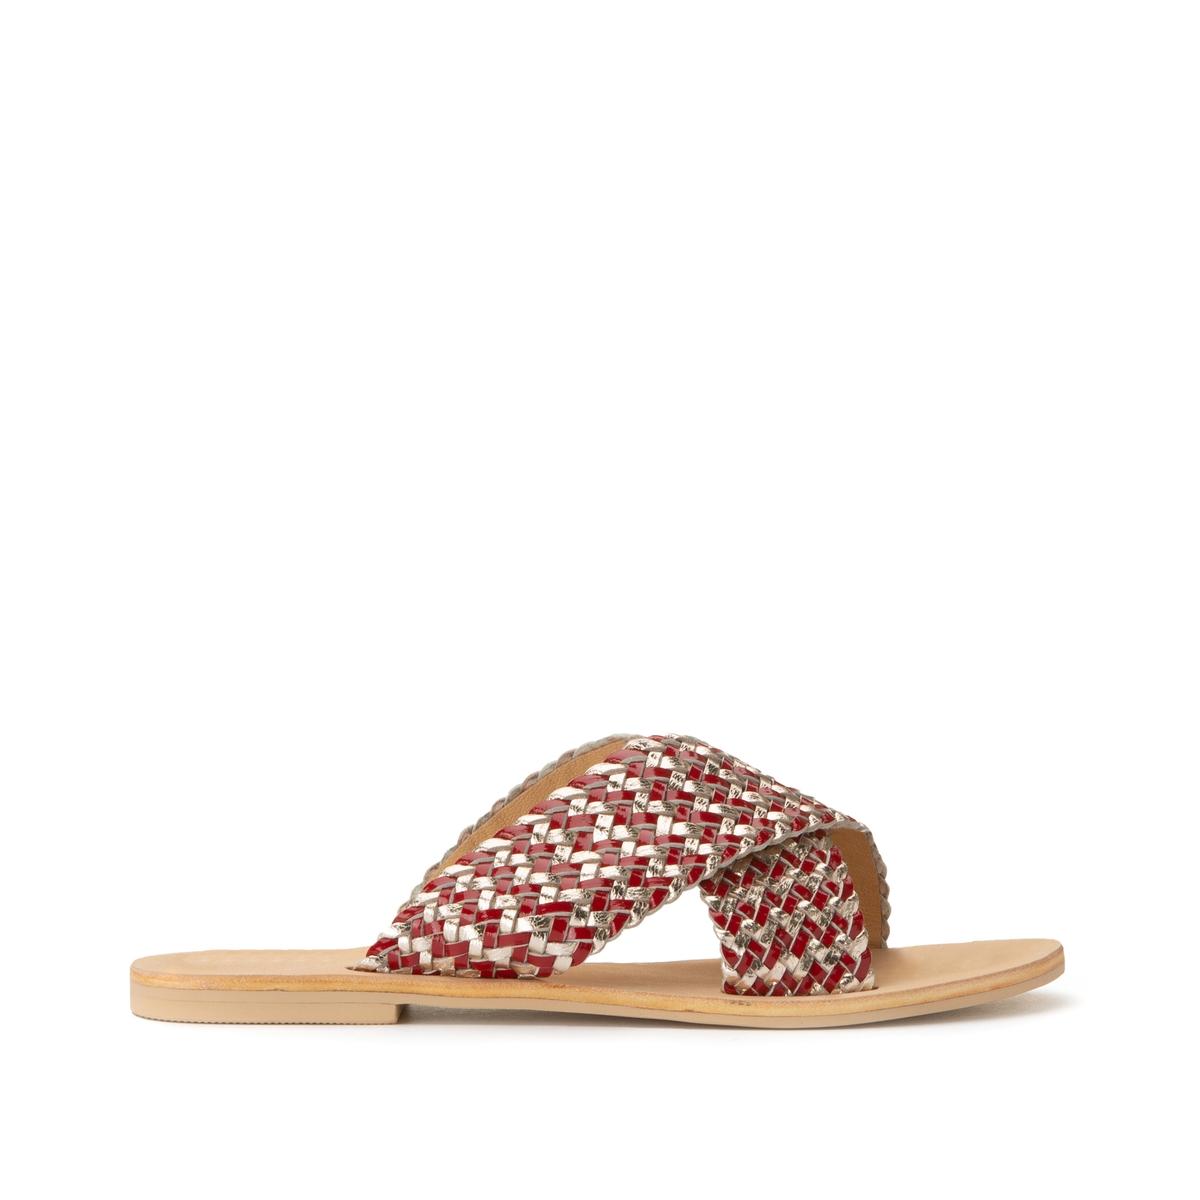 Туфли La Redoute Без задника кожаные с перекрещивающимися ремешками 37 золотистый